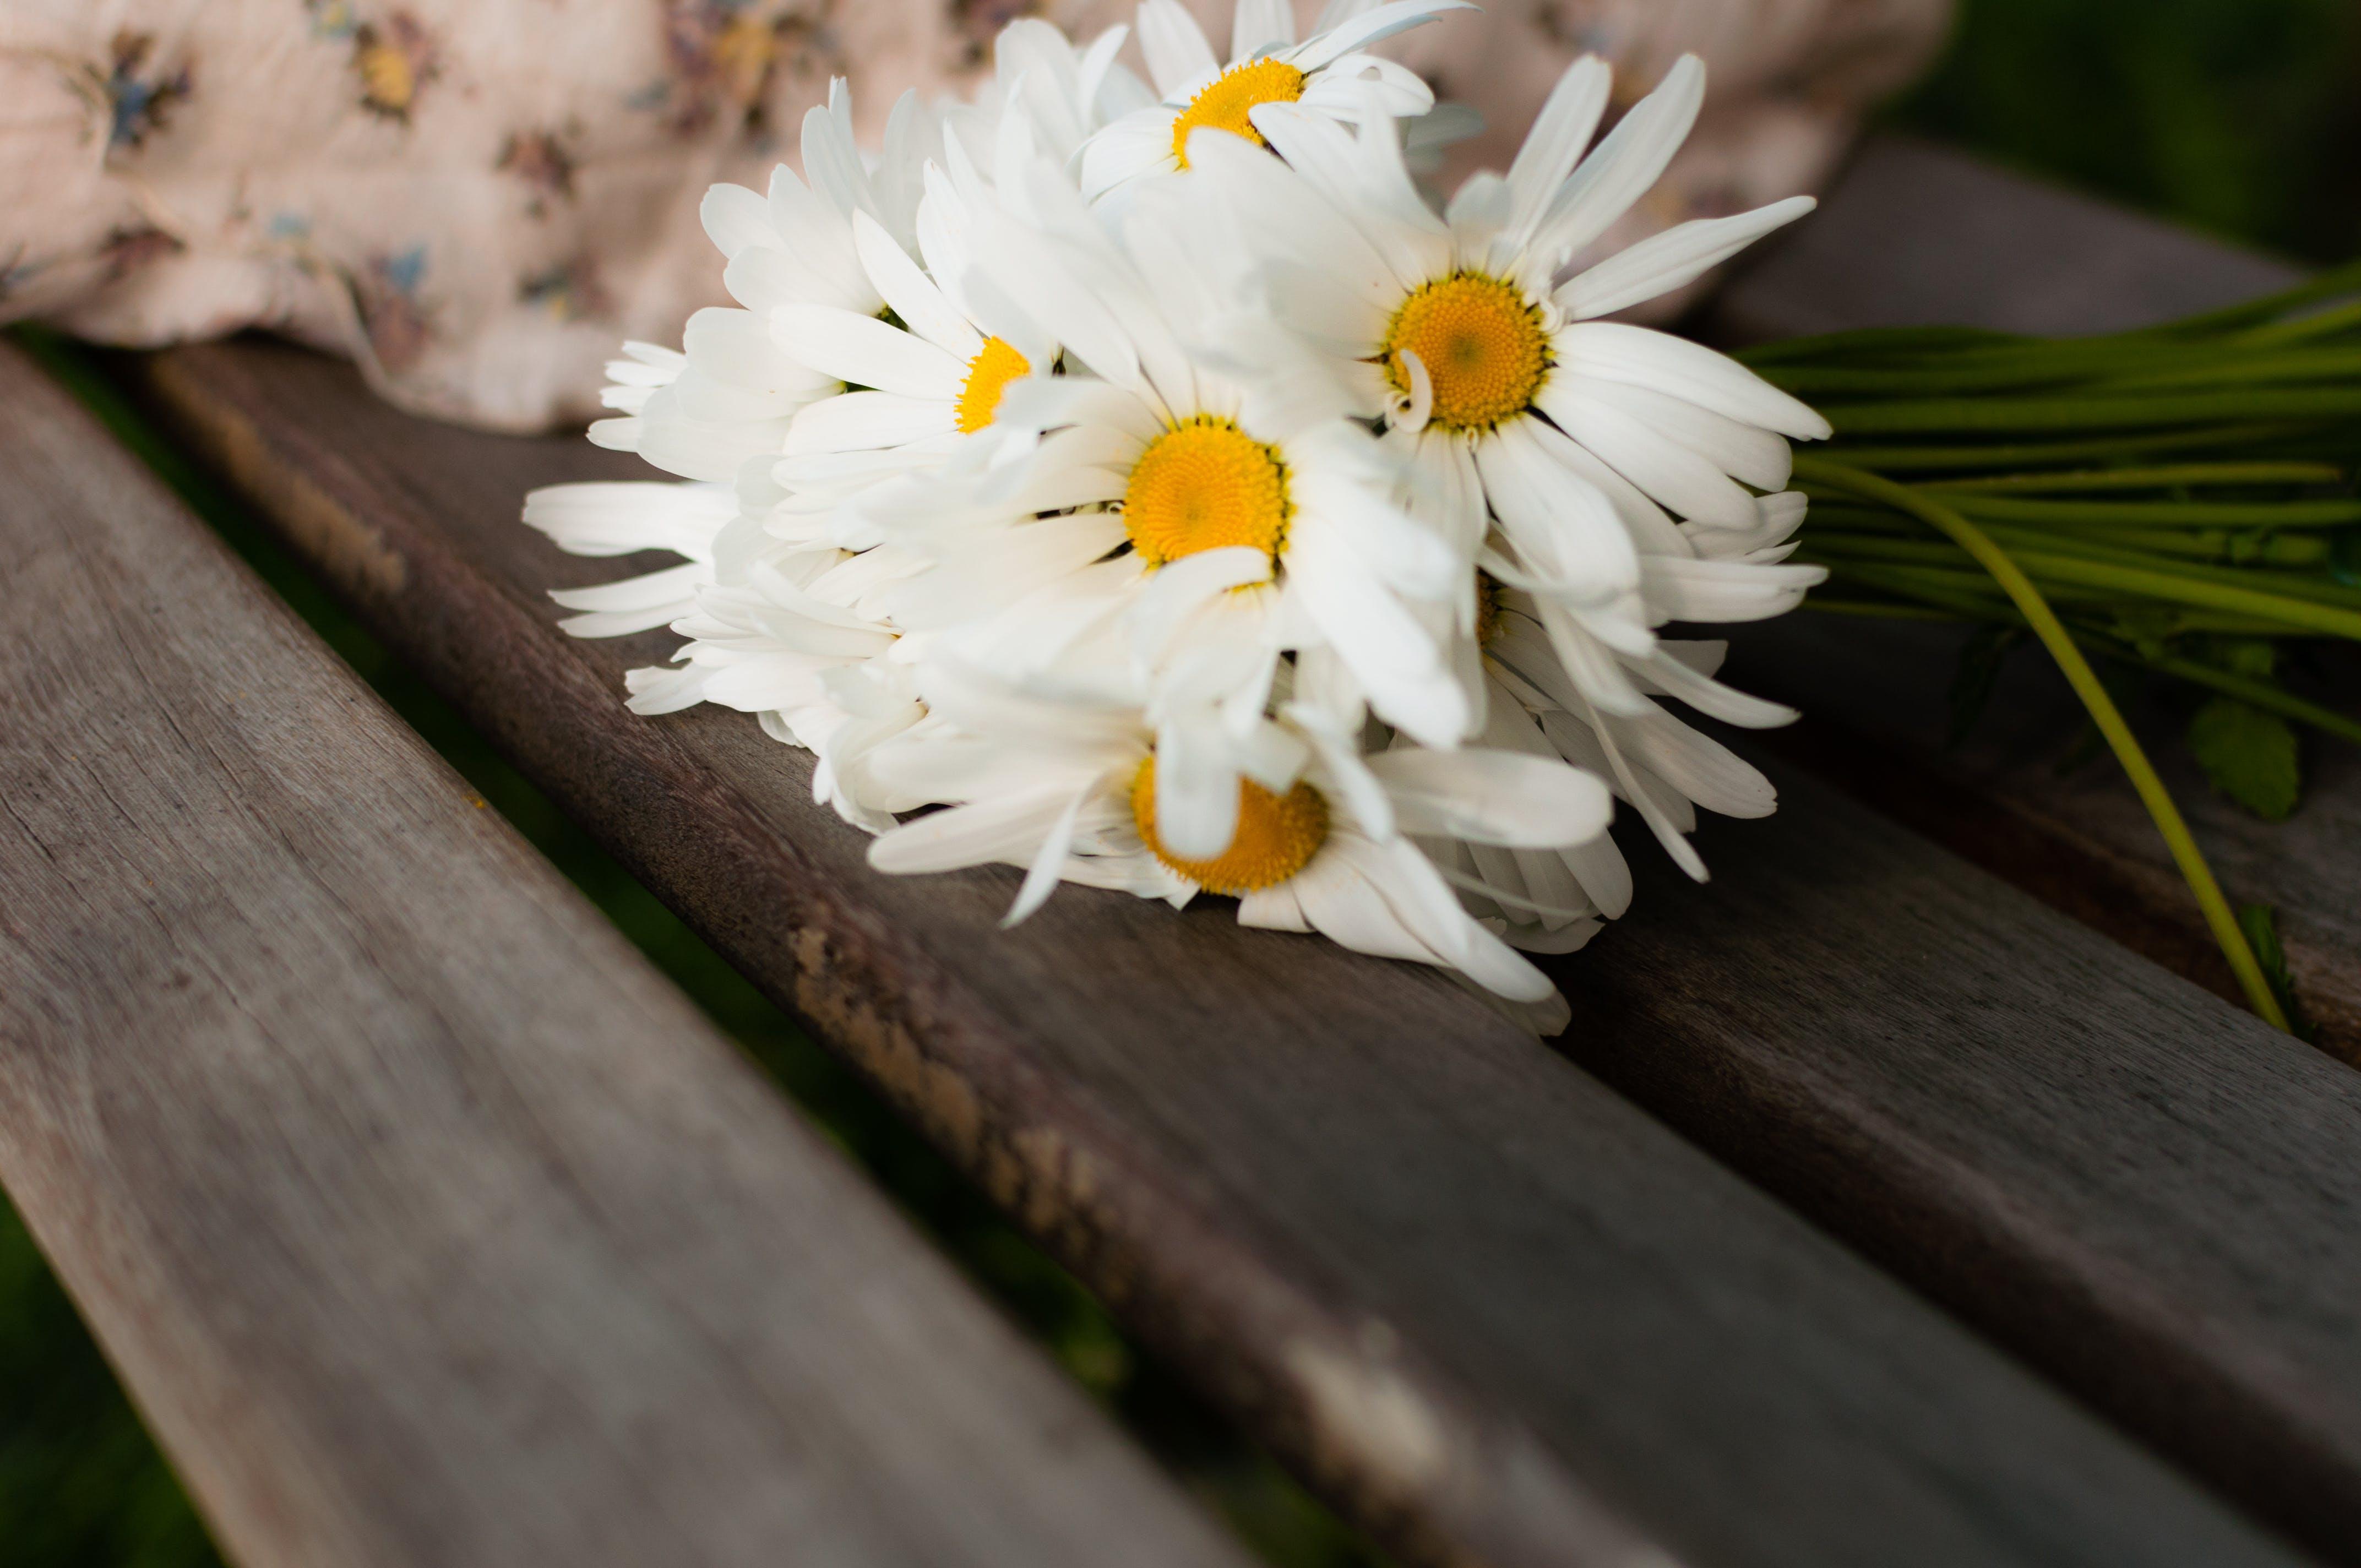 Gratis lagerfoto af blomster, buket, flora, hvid